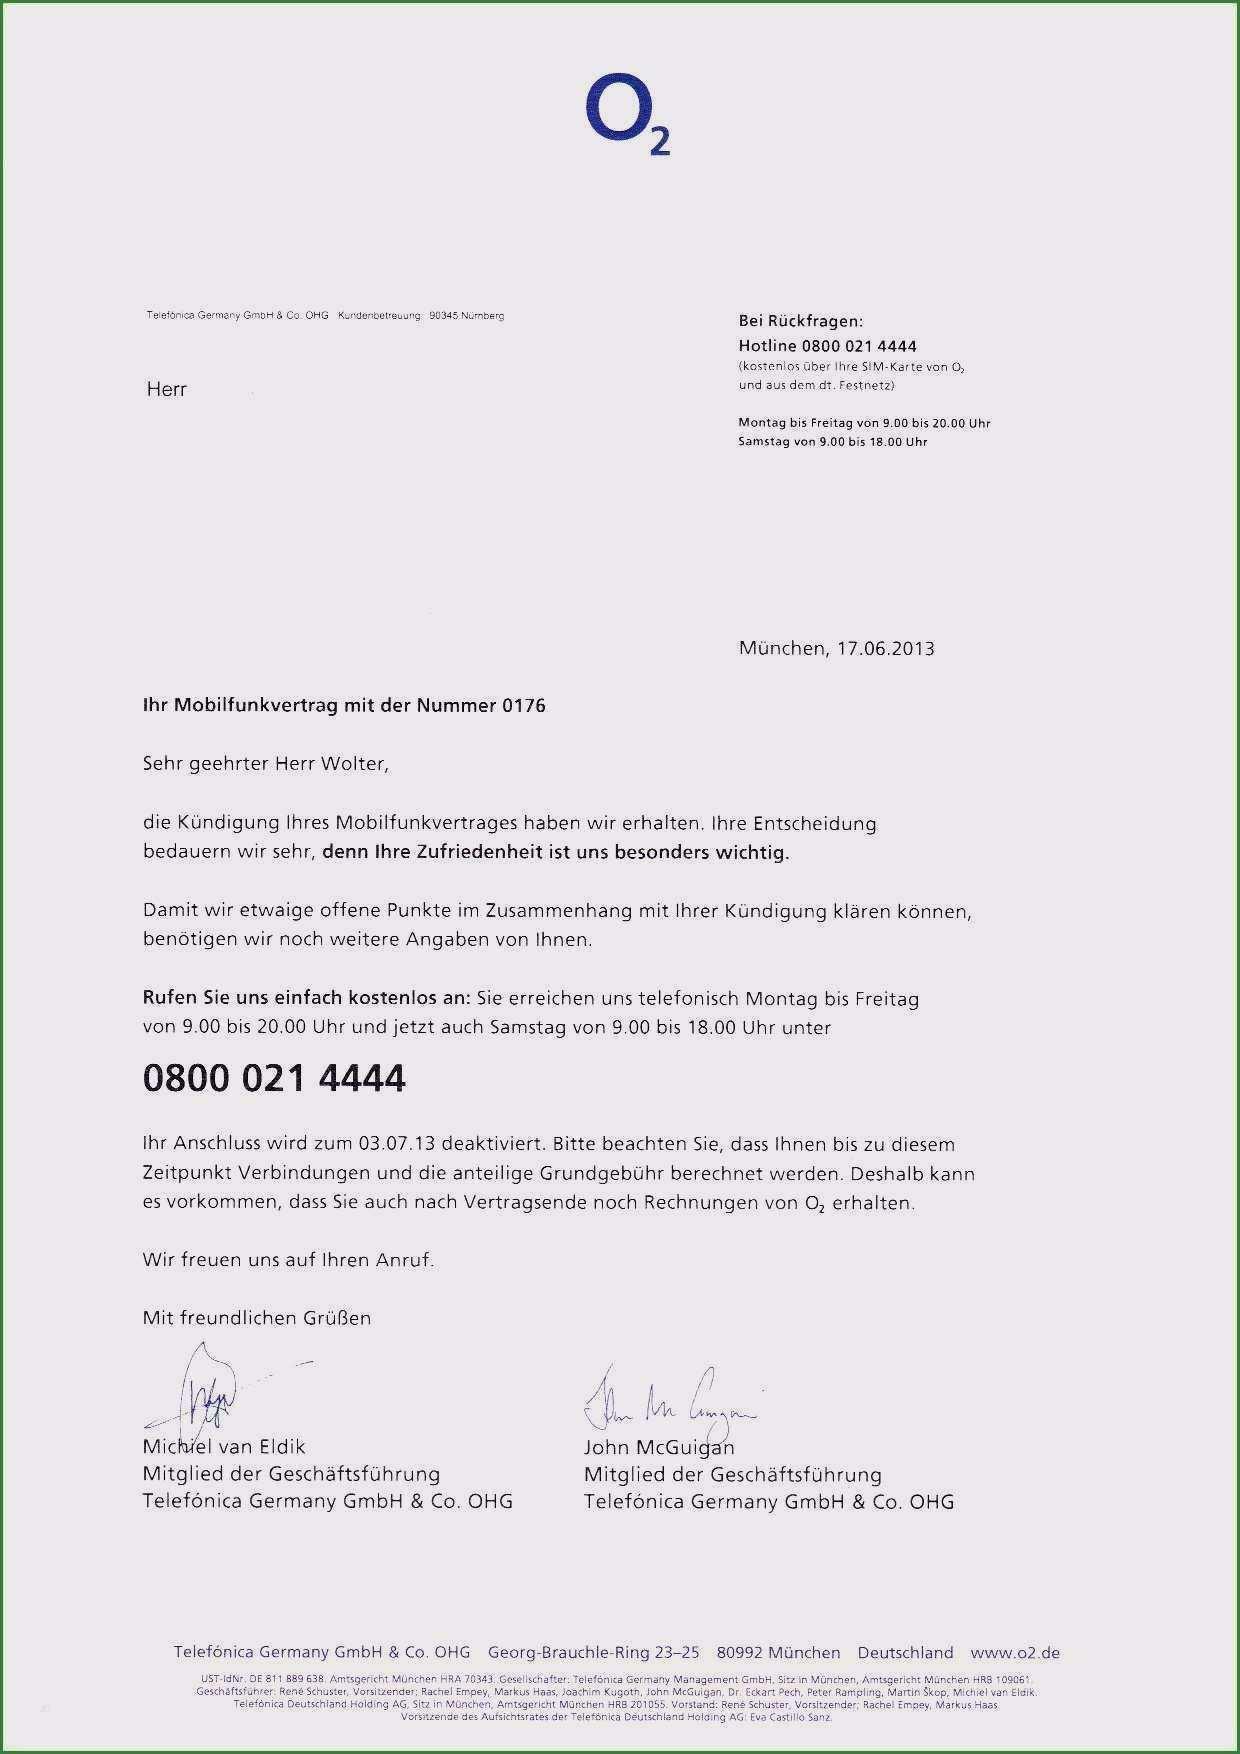 30 Beste Kundigung Mobilcom Debitel Fax Vorlage Bilder Vorlagen Word Vorlagen Handyvertrag